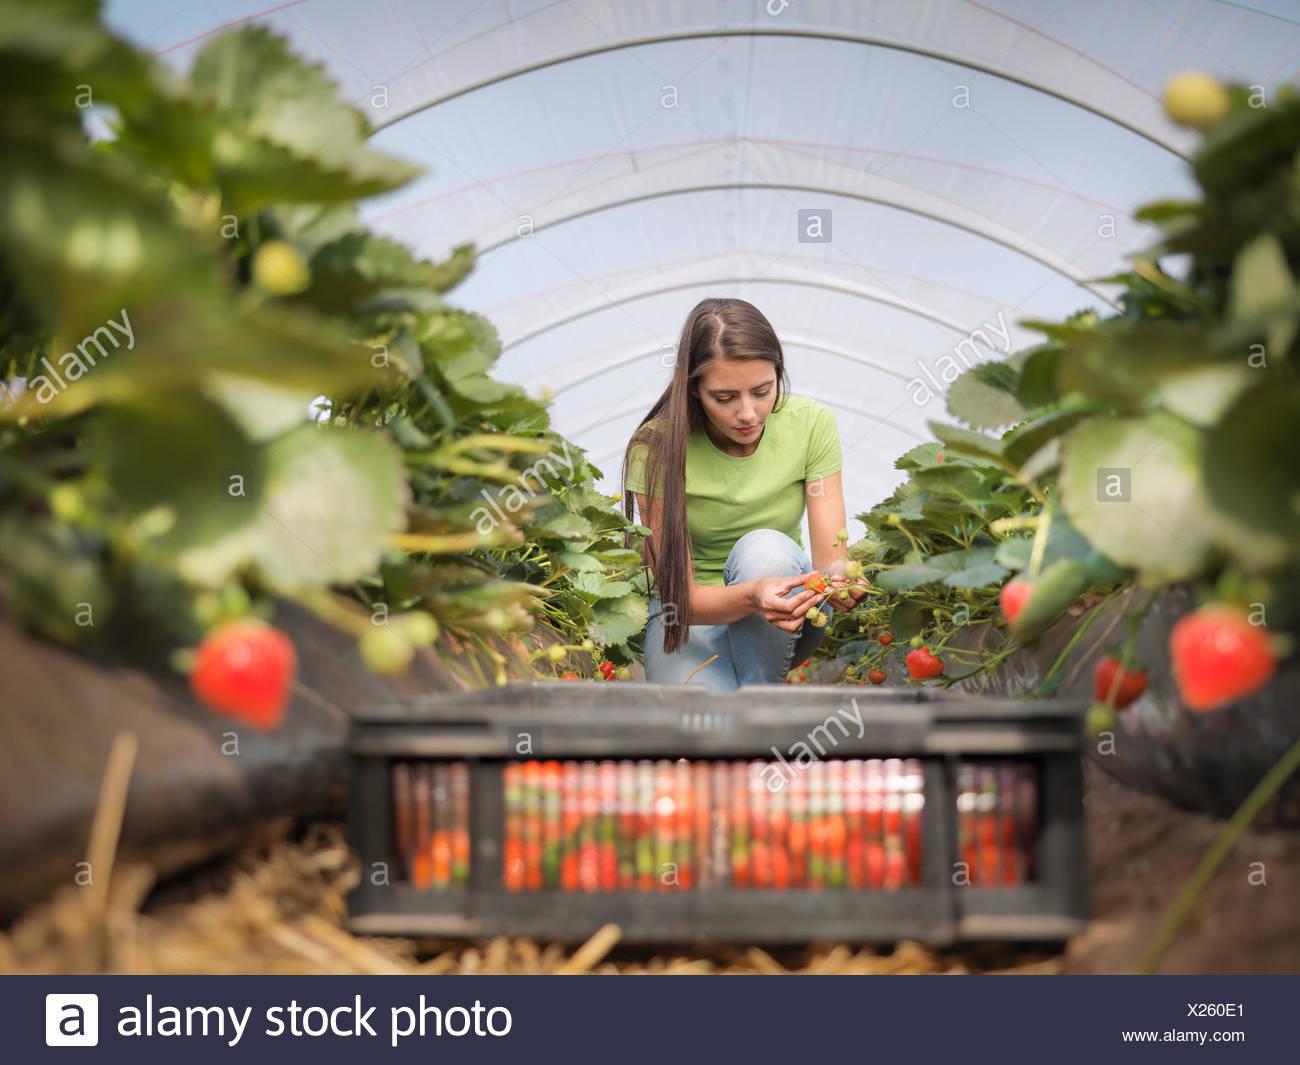 Arbeiter-Füllung-Tablett mit Bastkörbe mit Erdbeeren auf Obsthof Stockbild